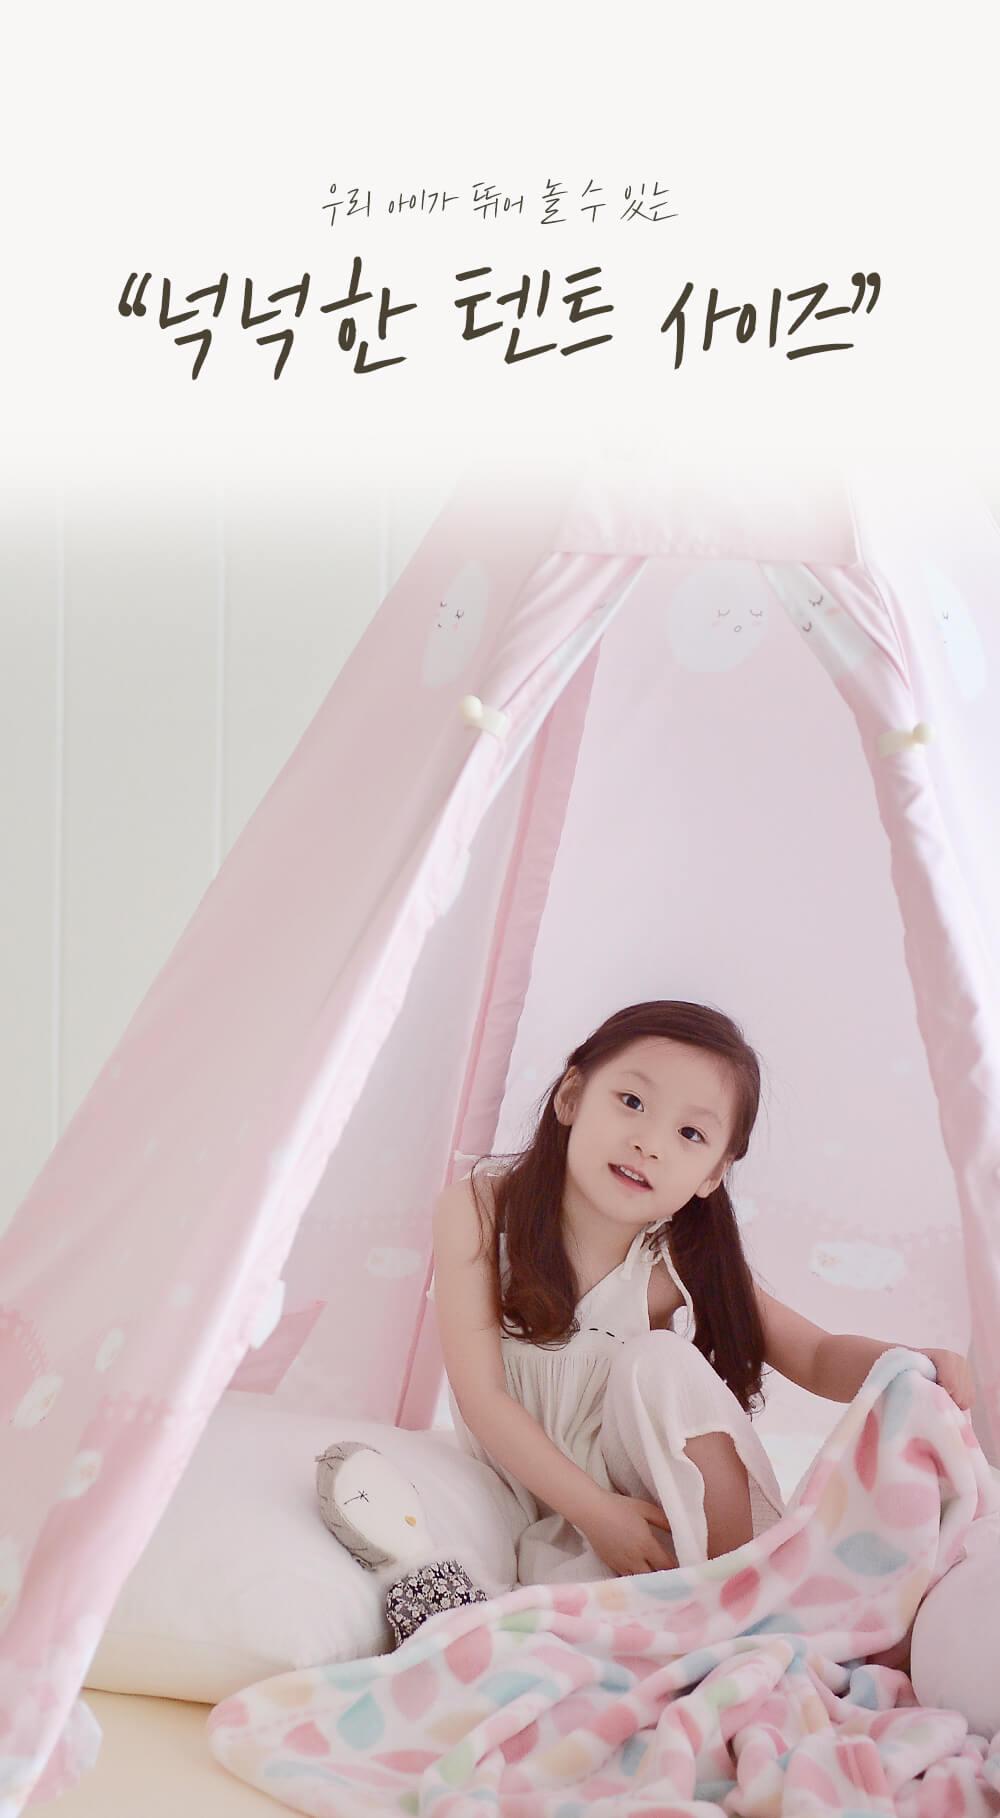 핑크드림 07